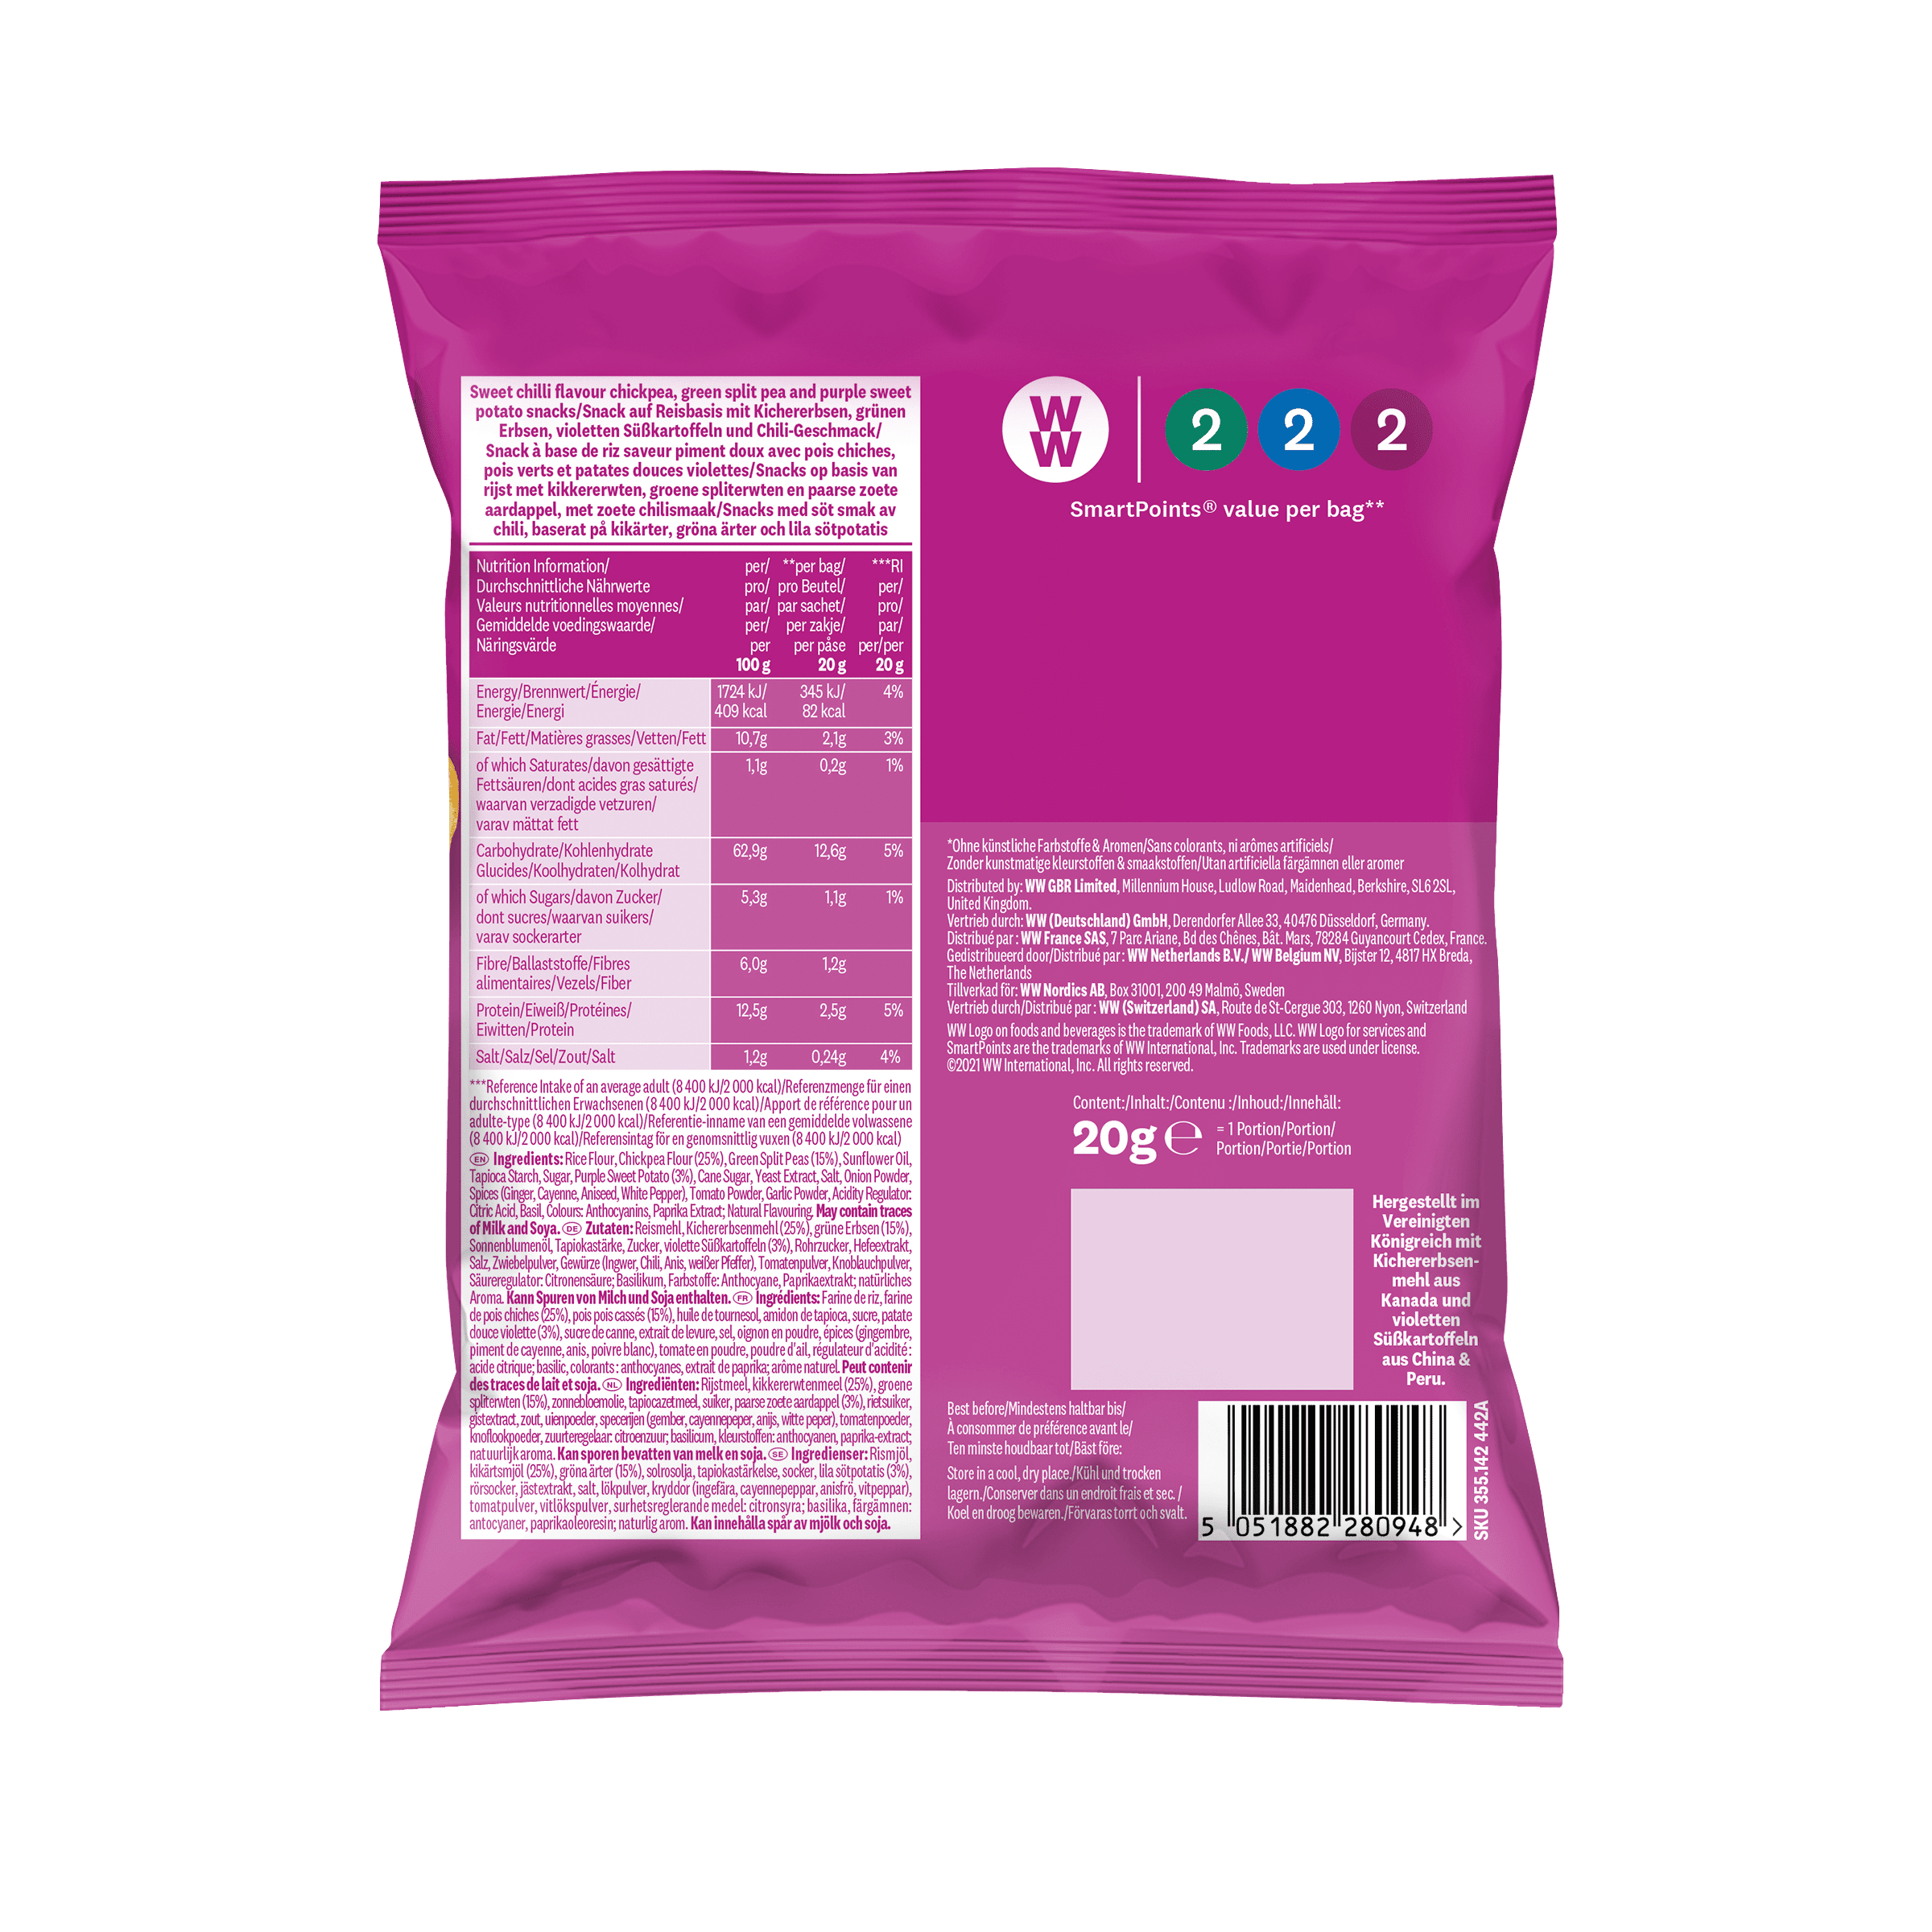 WW Snack Sweet Chili mit Kichererbsen, grünen Erbsen und Süßkartoffel, Rückseite der pinken Verpackung mit Nährwertangaben